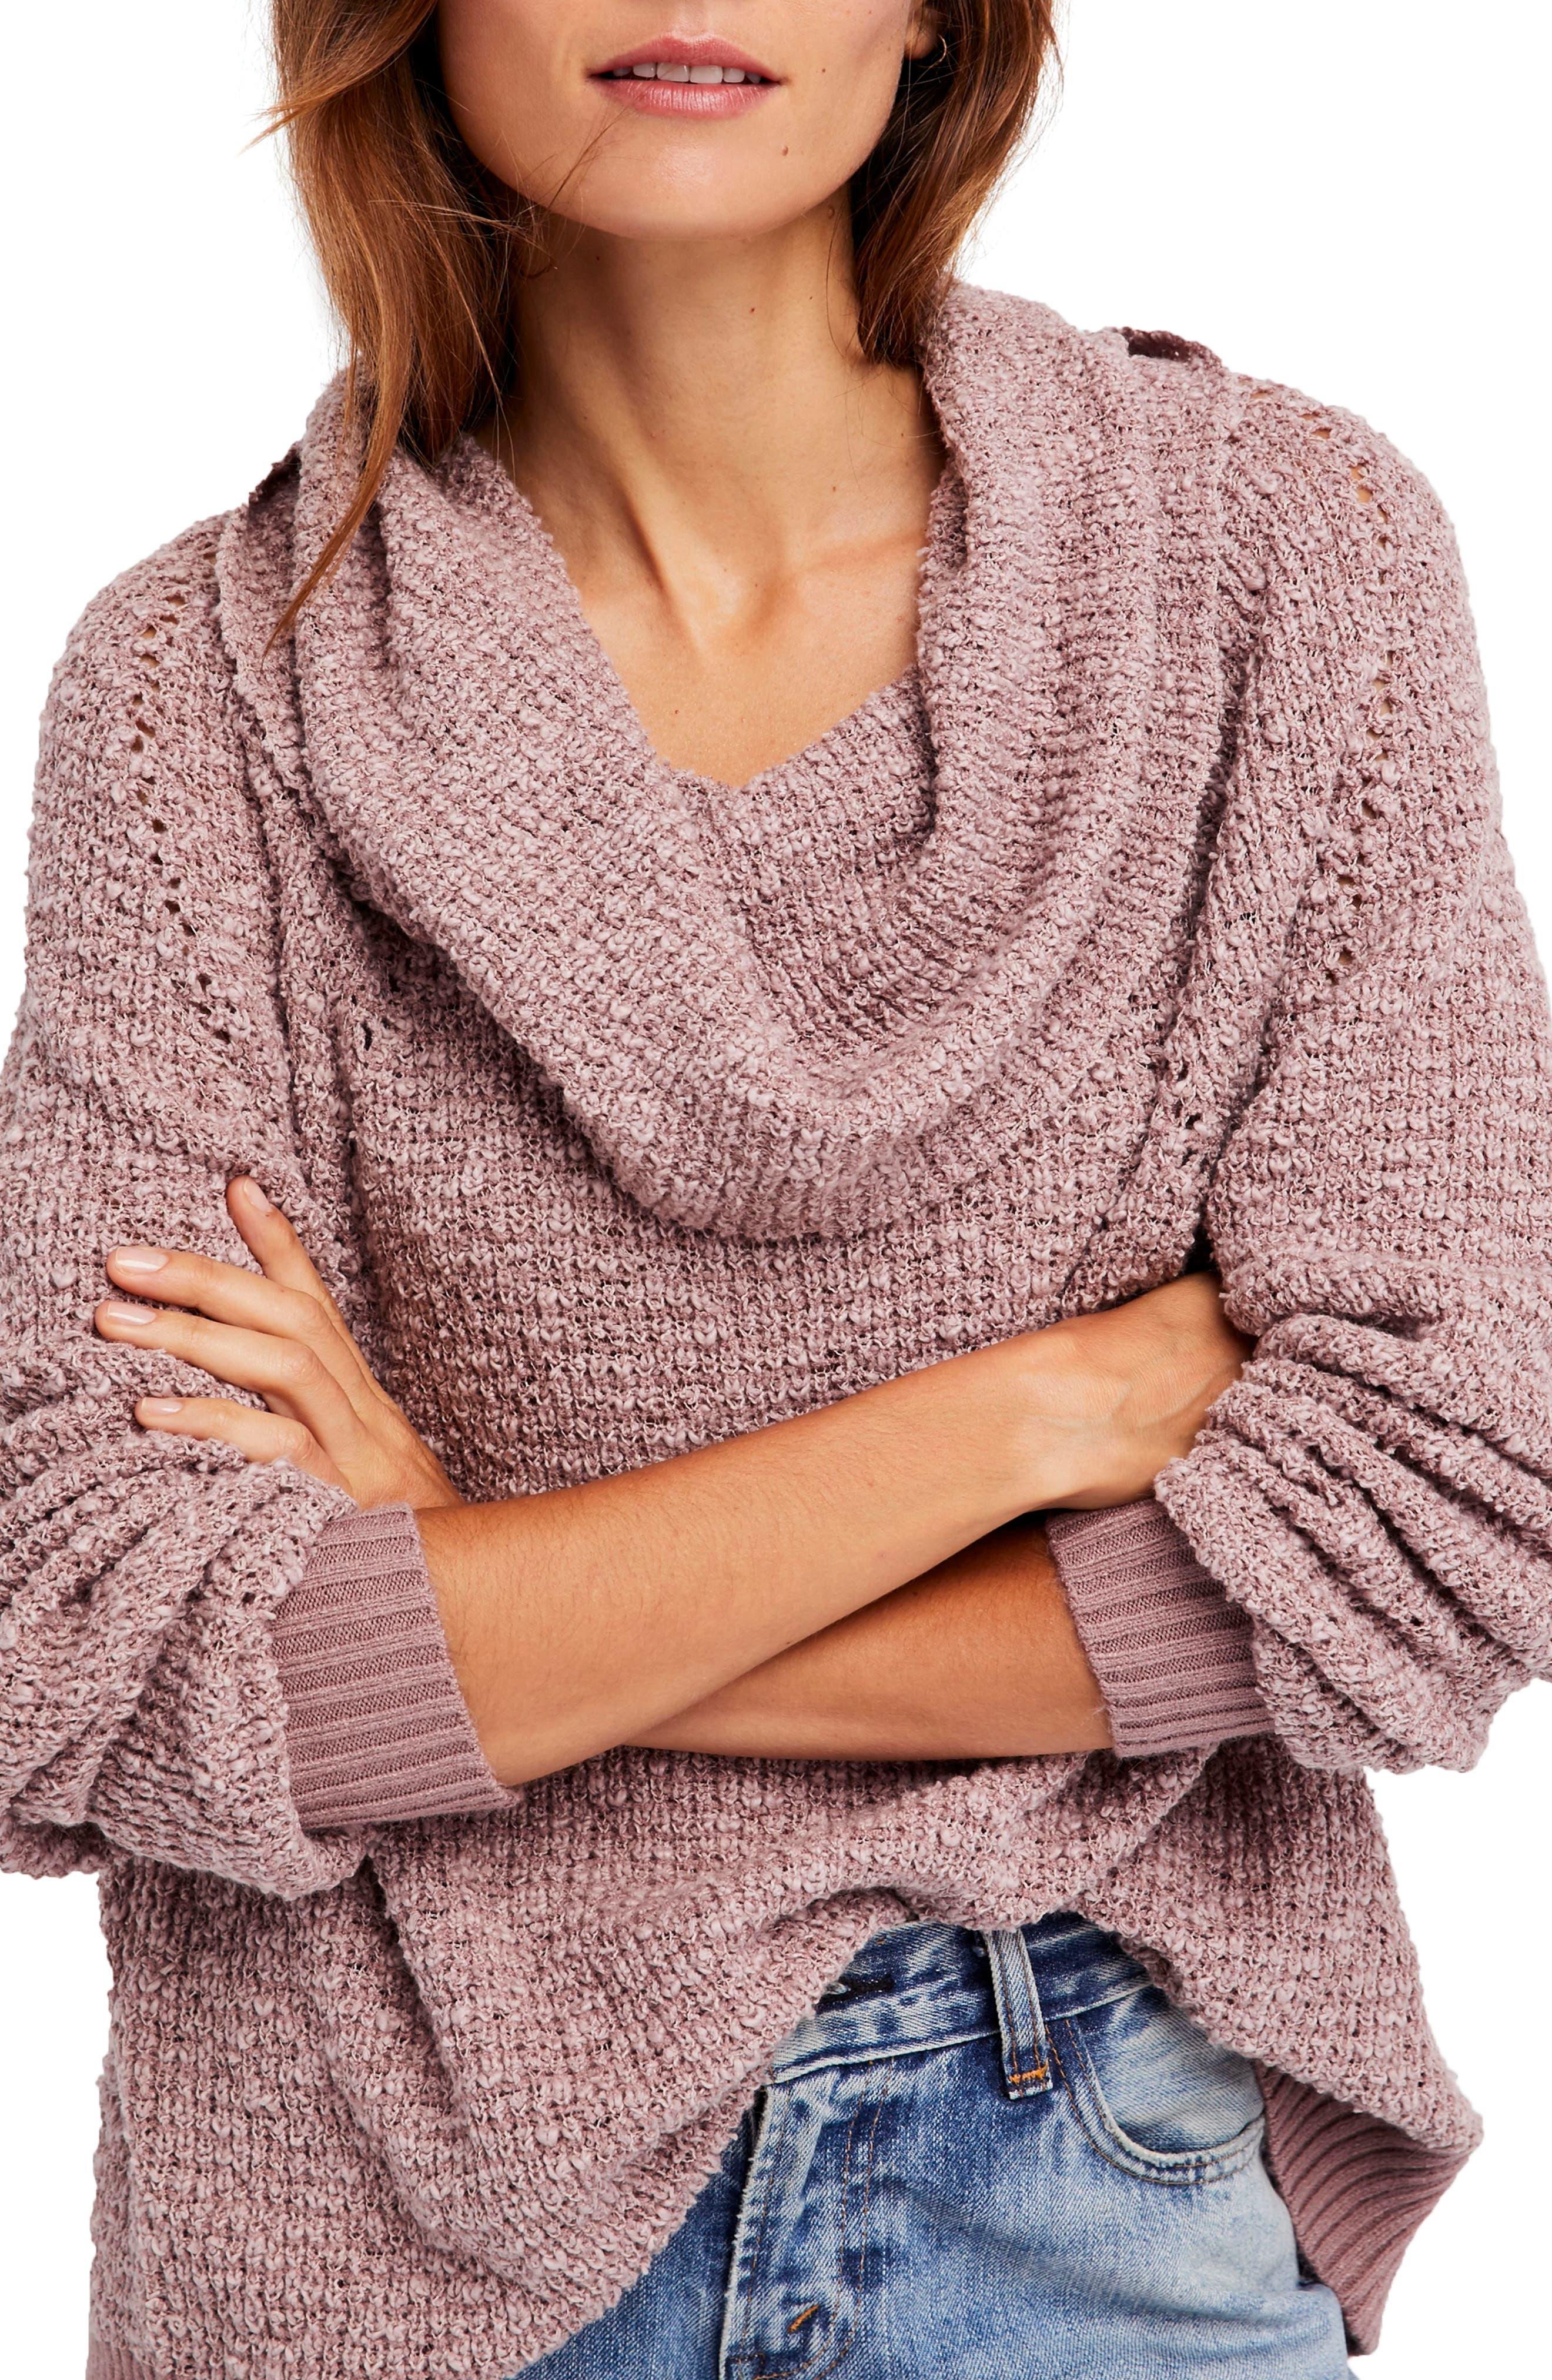 dba0b575e3ec37 Women s Free People Sweaters